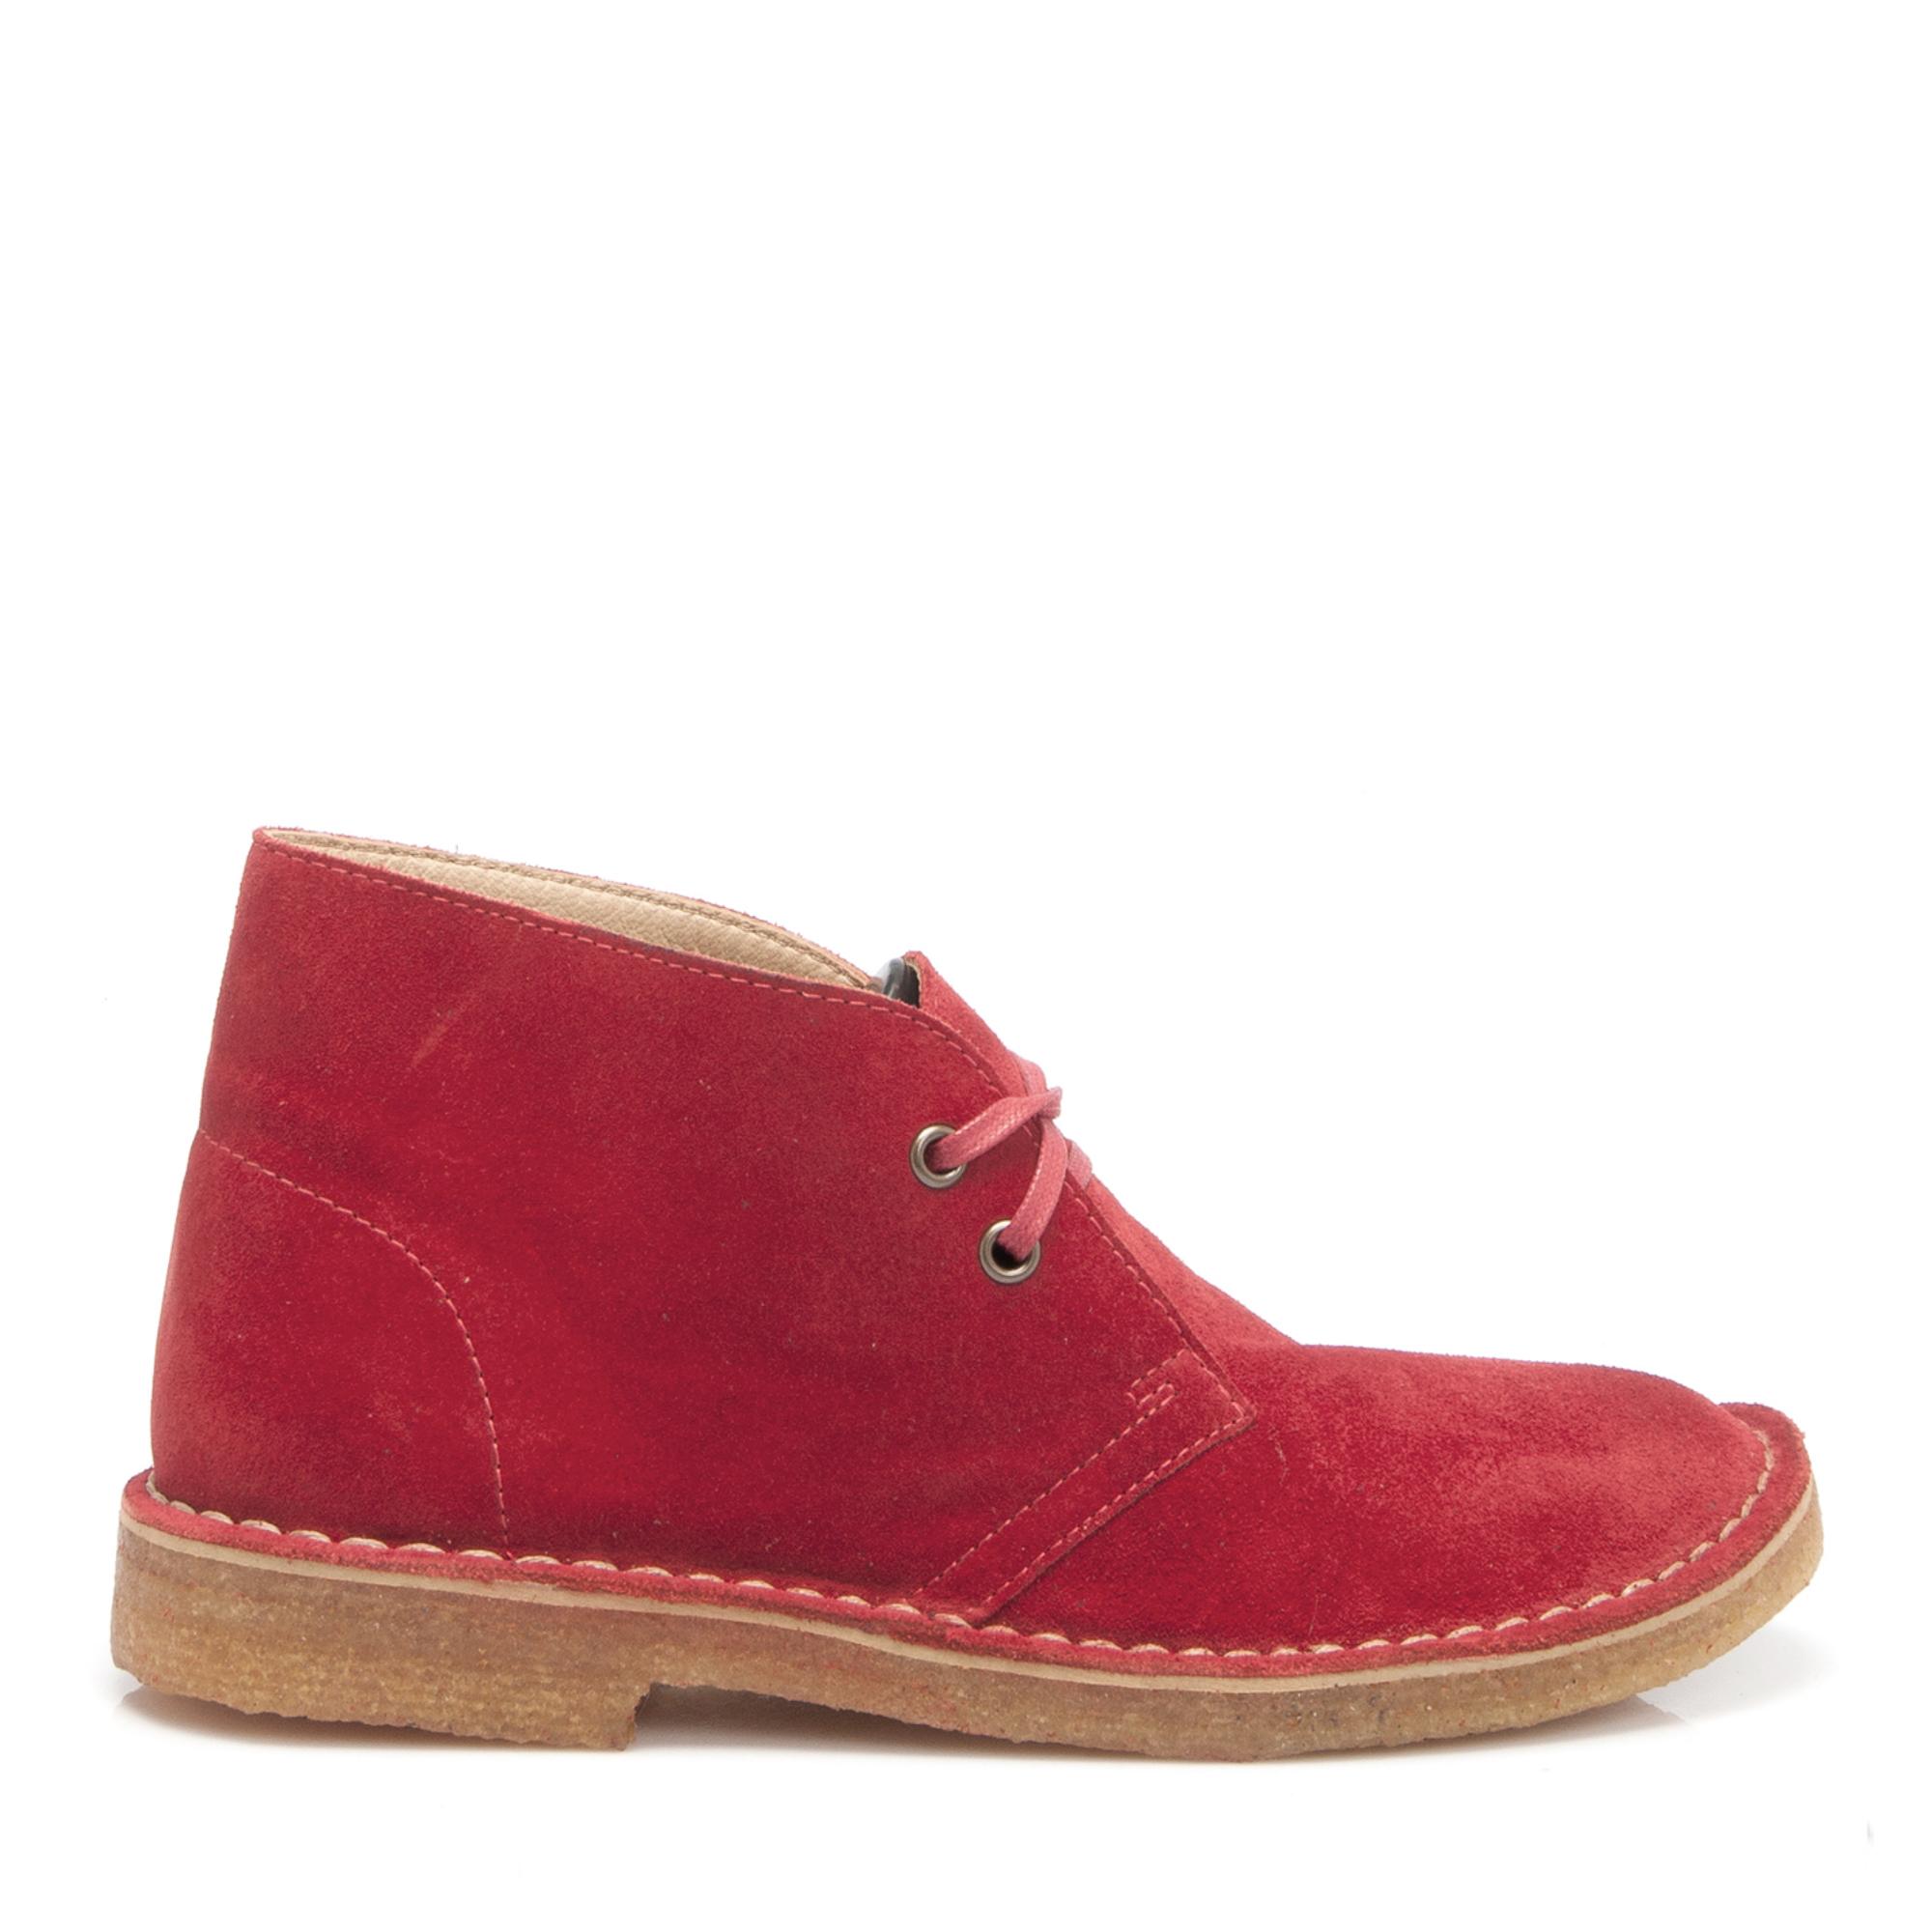 Kırmızı Deri Kadın Bot 62640B78